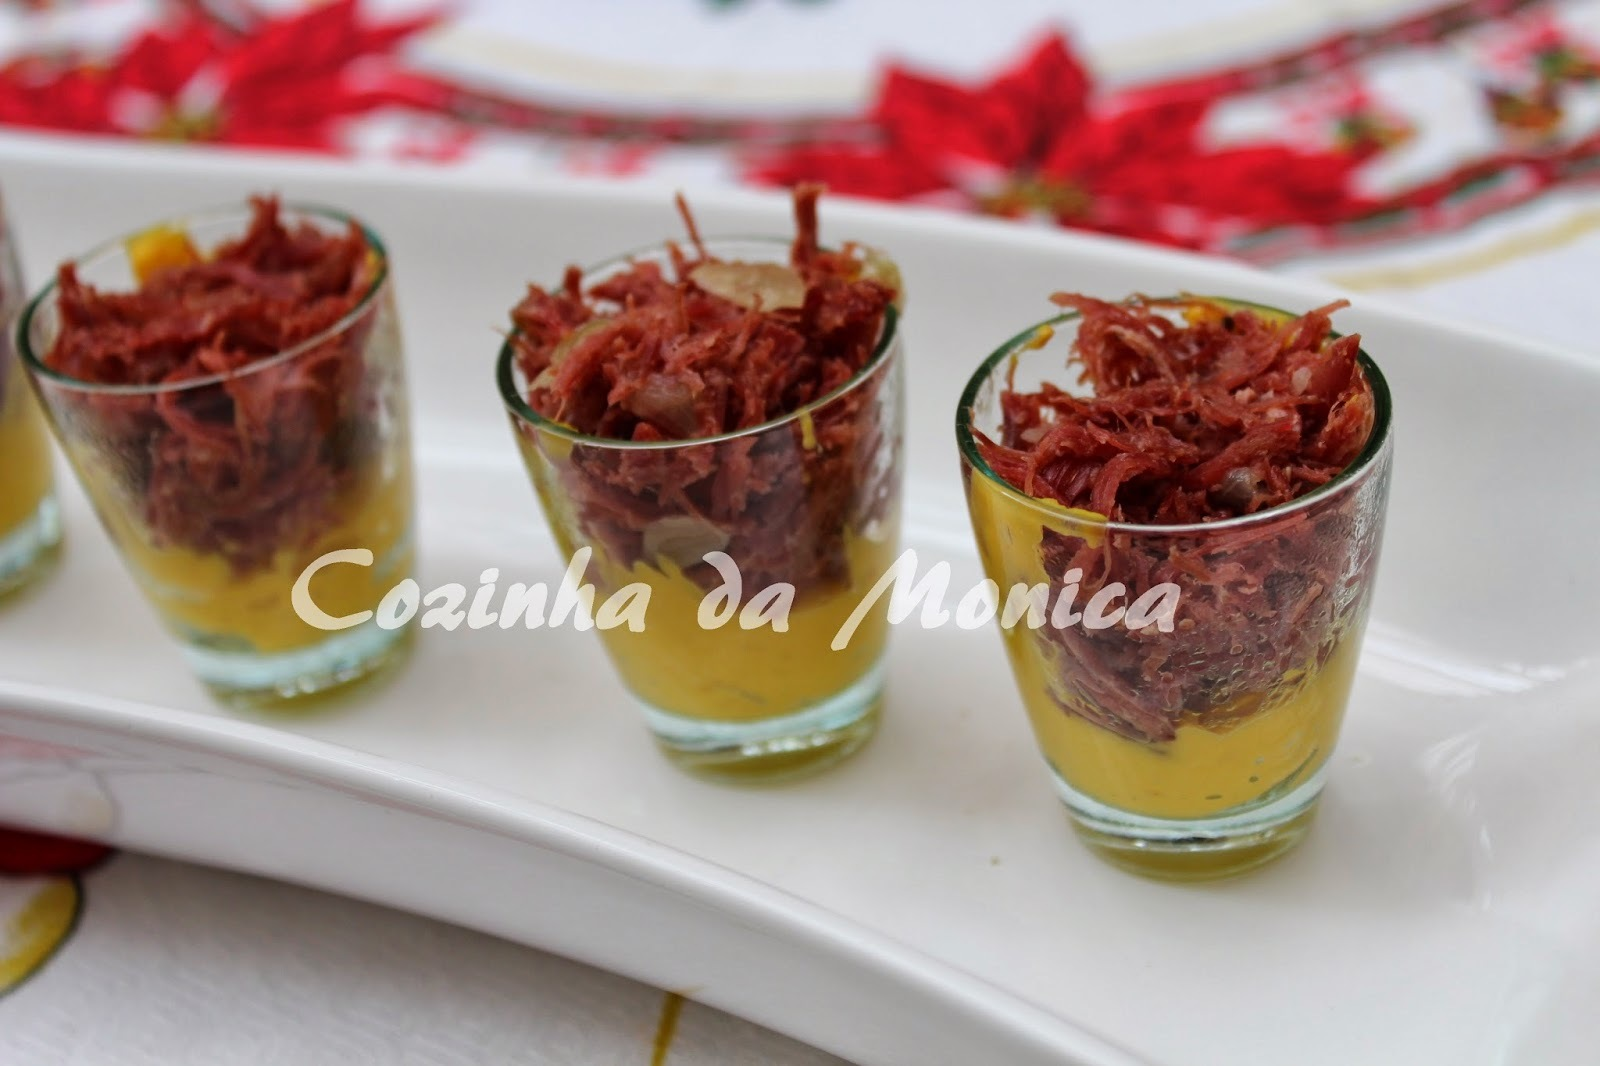 Verrine de abóbora e carne seca